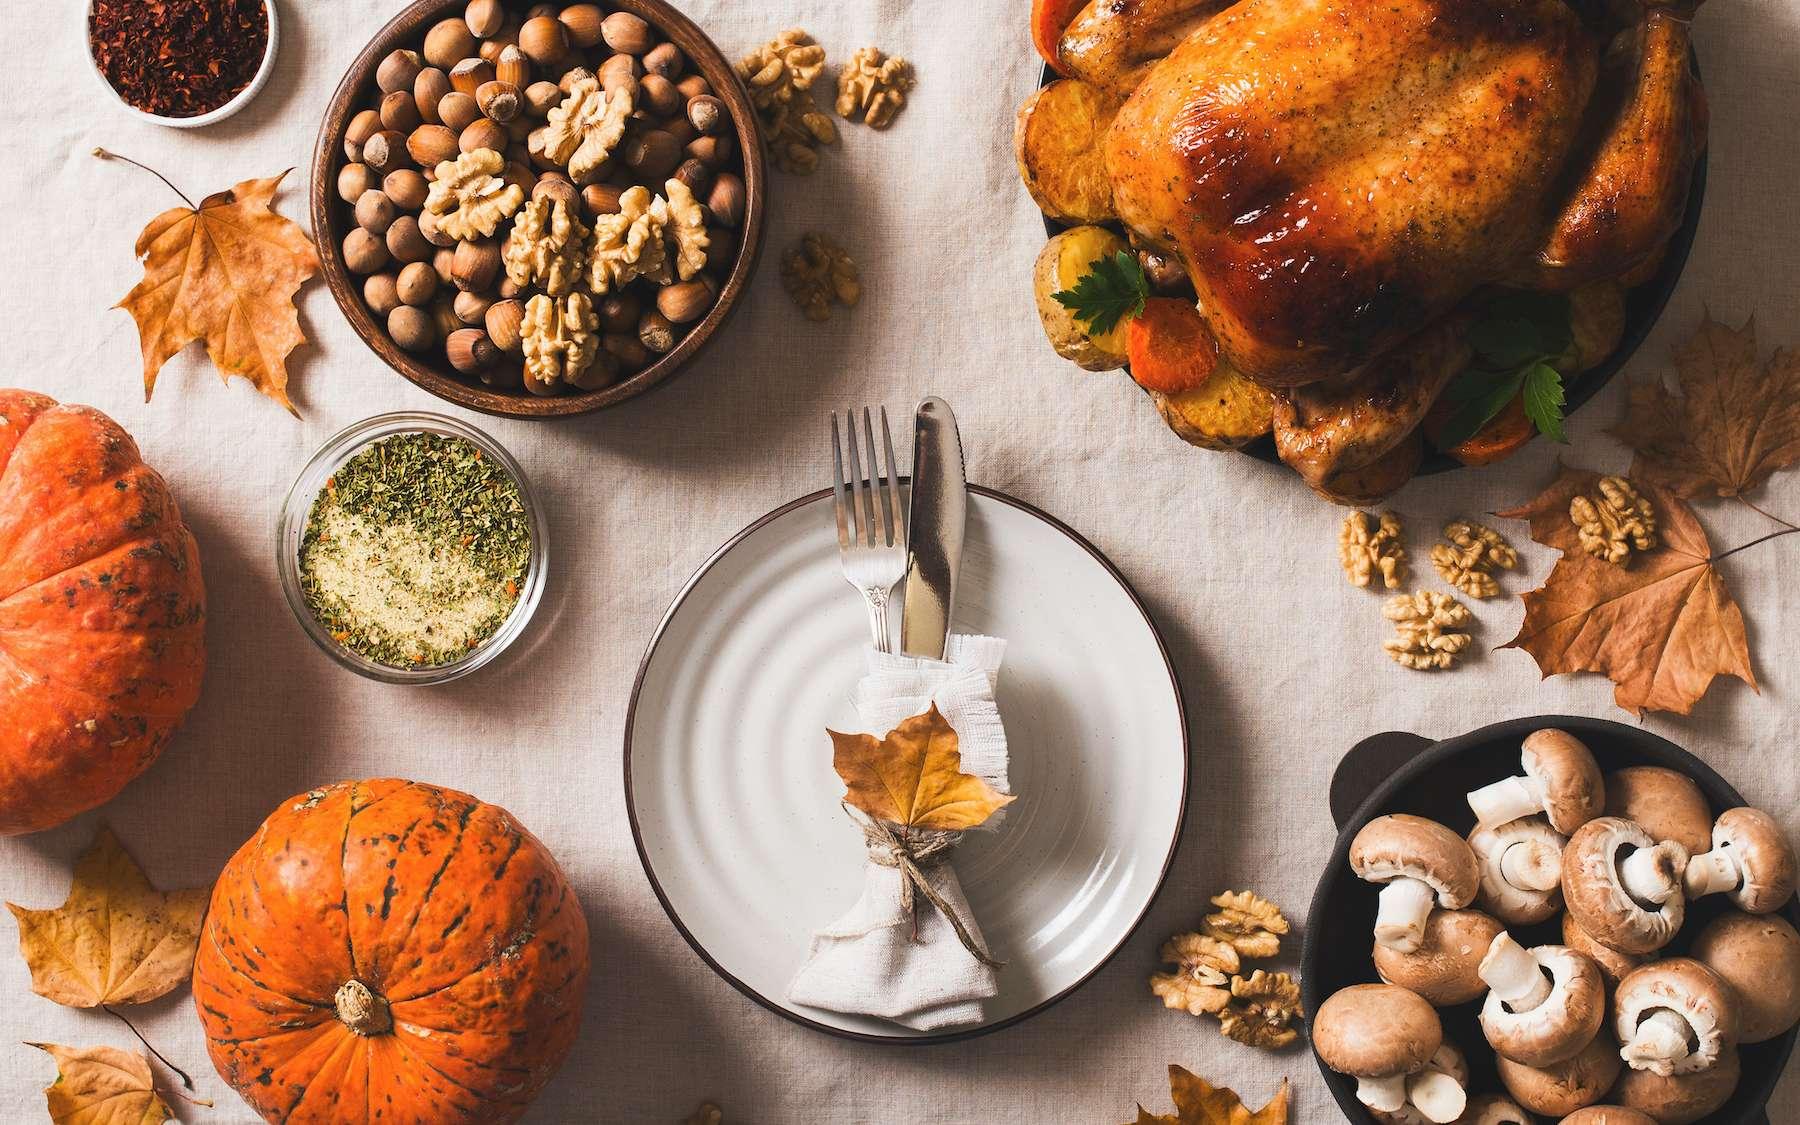 Courges, volaille, champignons et fruits de mer : que savourer en novembre ? © Denira, Adobe Stock